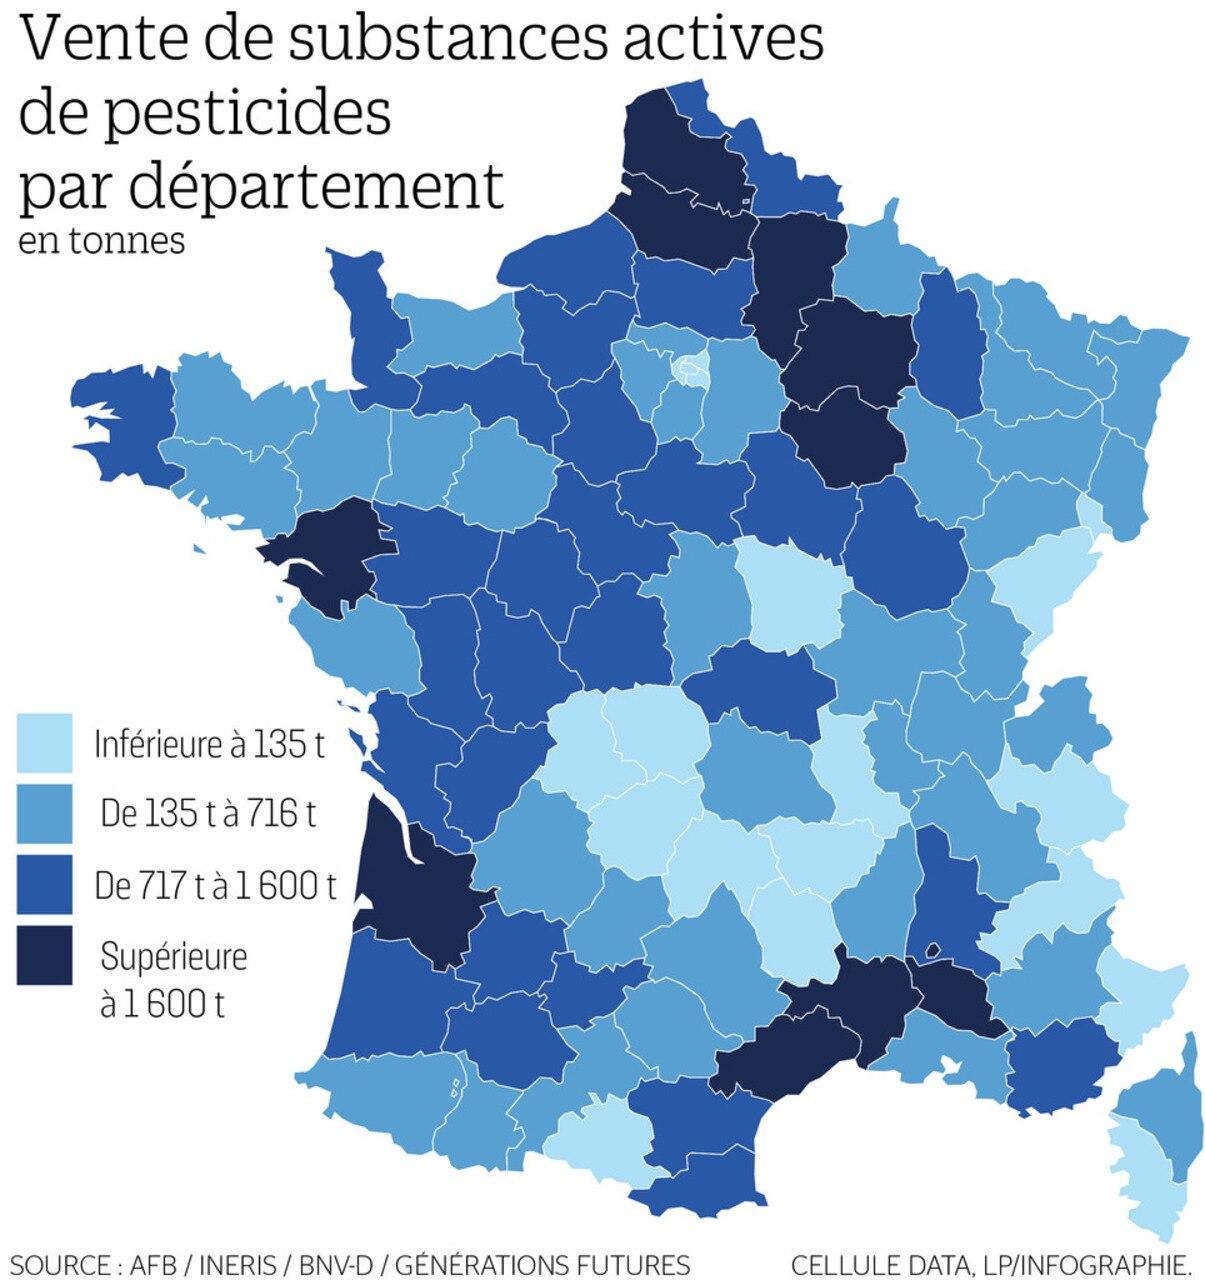 La Carte De France Des Départements Les Plus Consommateurs concernant Listes Des Départements Français